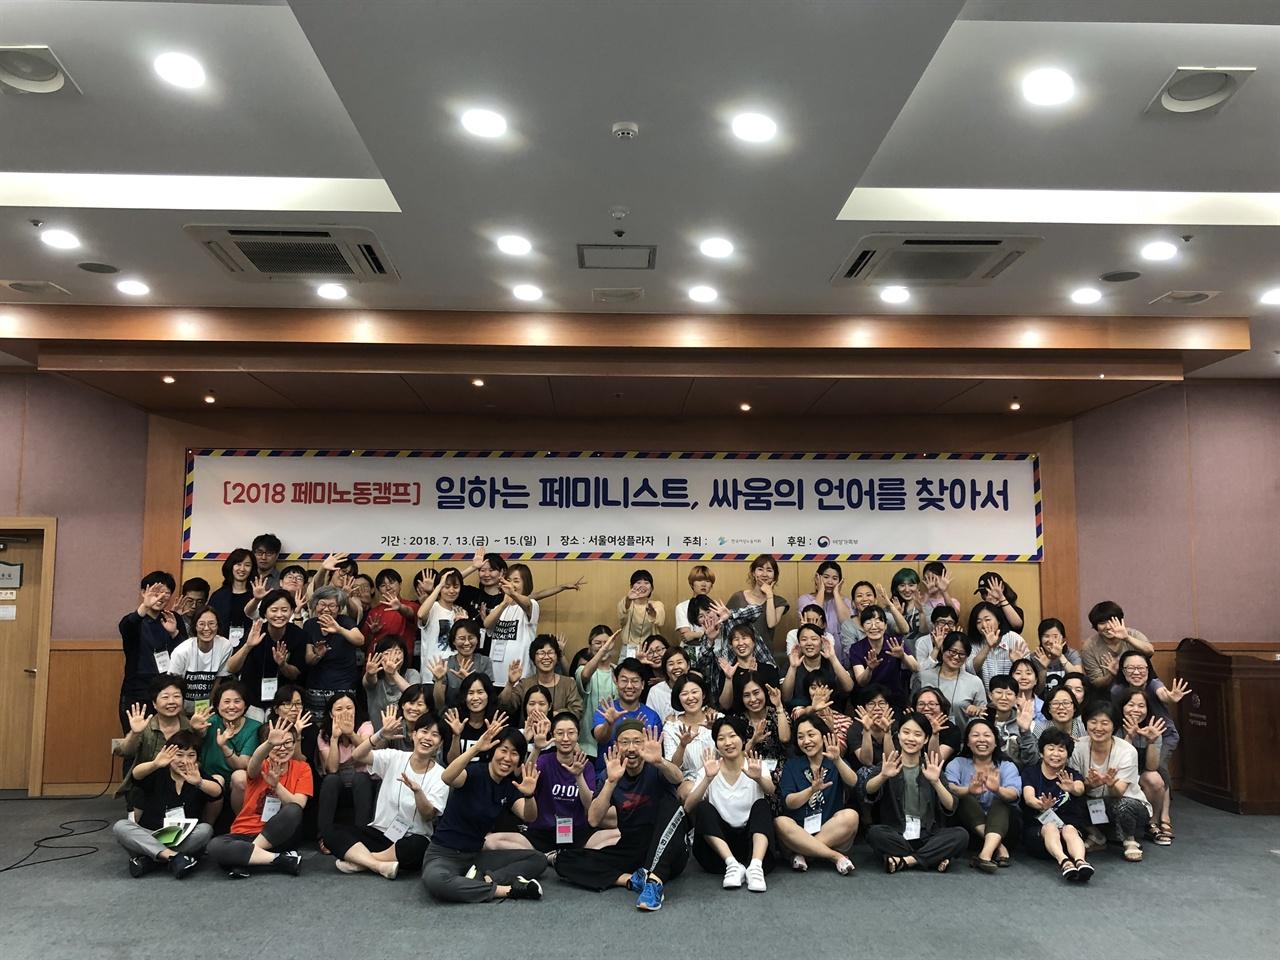 """2018 페미-노동 캠프 전체 참여자 """"[2018 페미-노동 캠프] 일하는 페미니스트, 싸움의 언어를 찾아서"""" 에 참여한 참여자들이 환호하고 있다."""